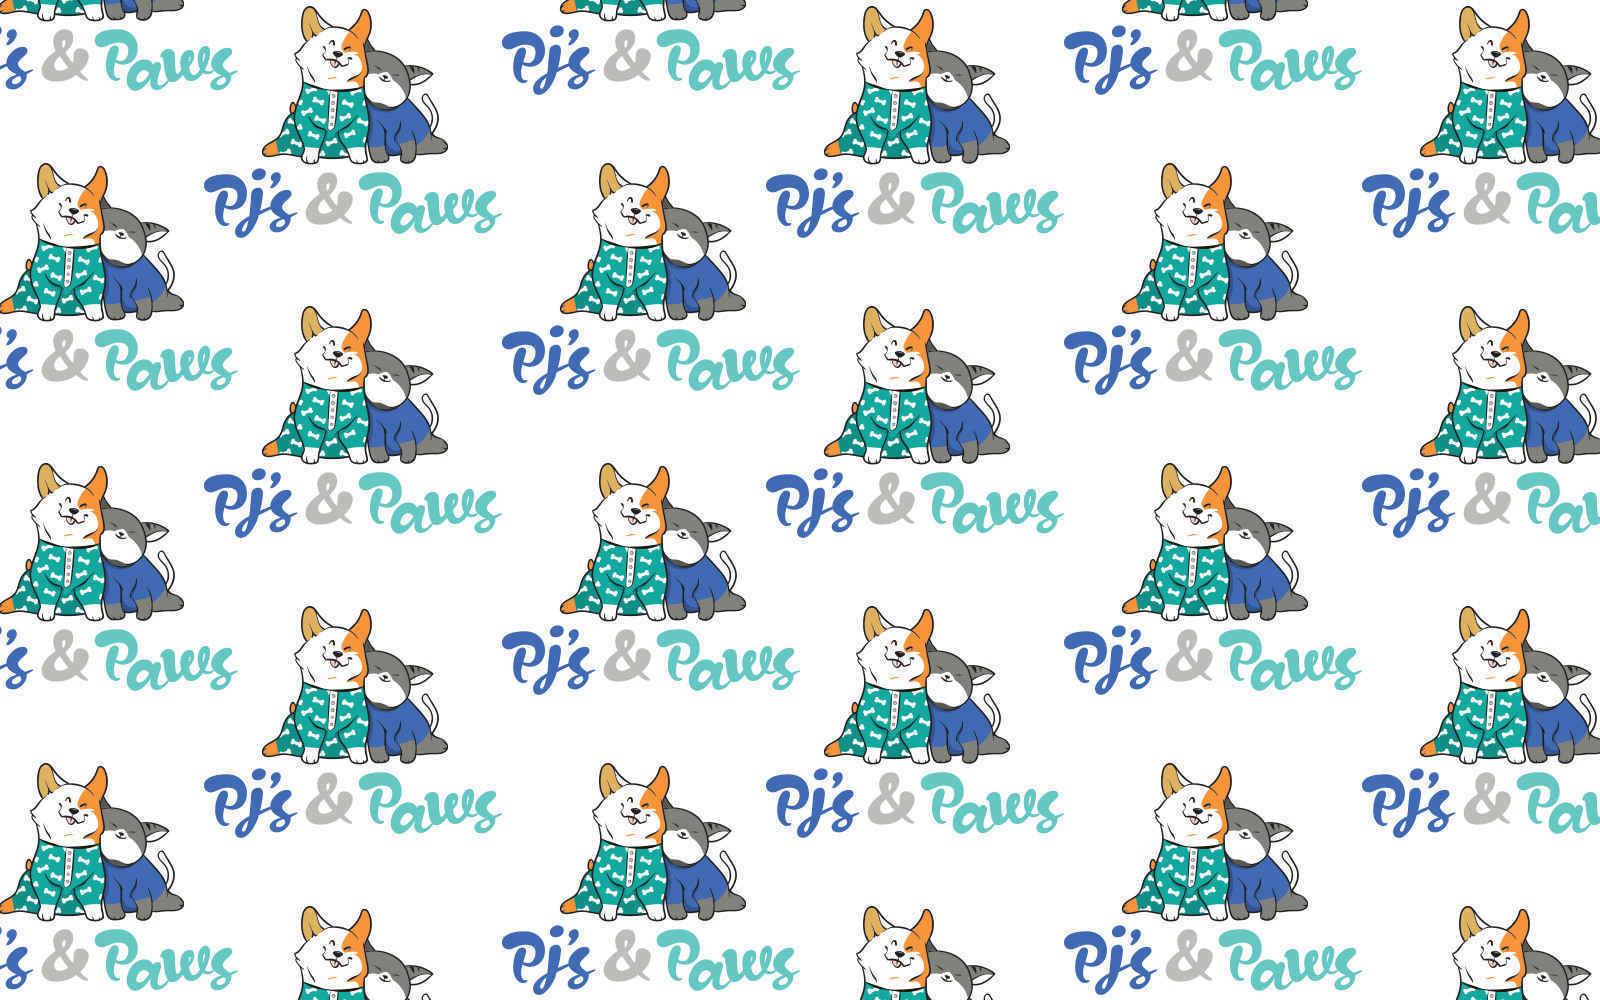 Pj's & Paws image